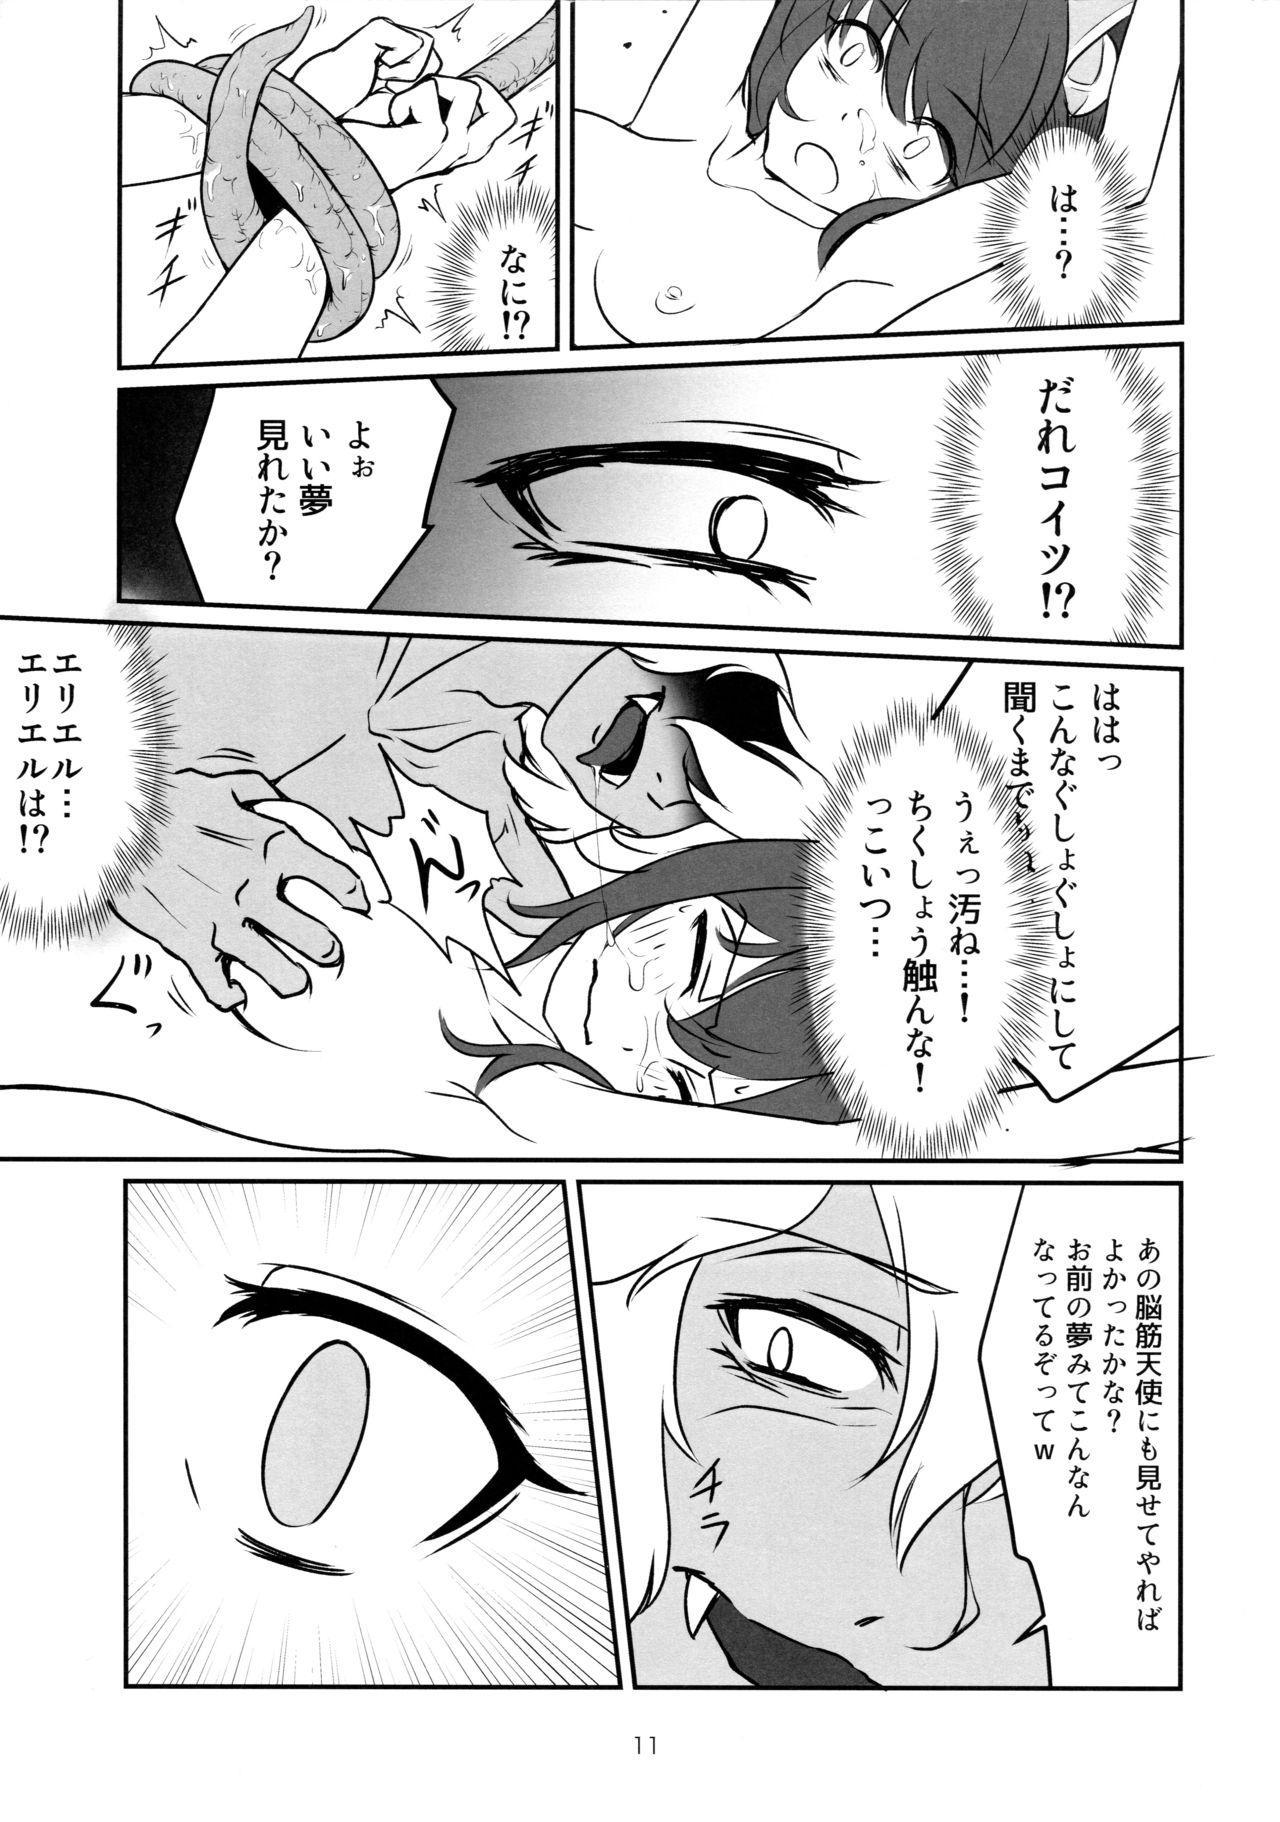 Sweet Devil's Dream 10